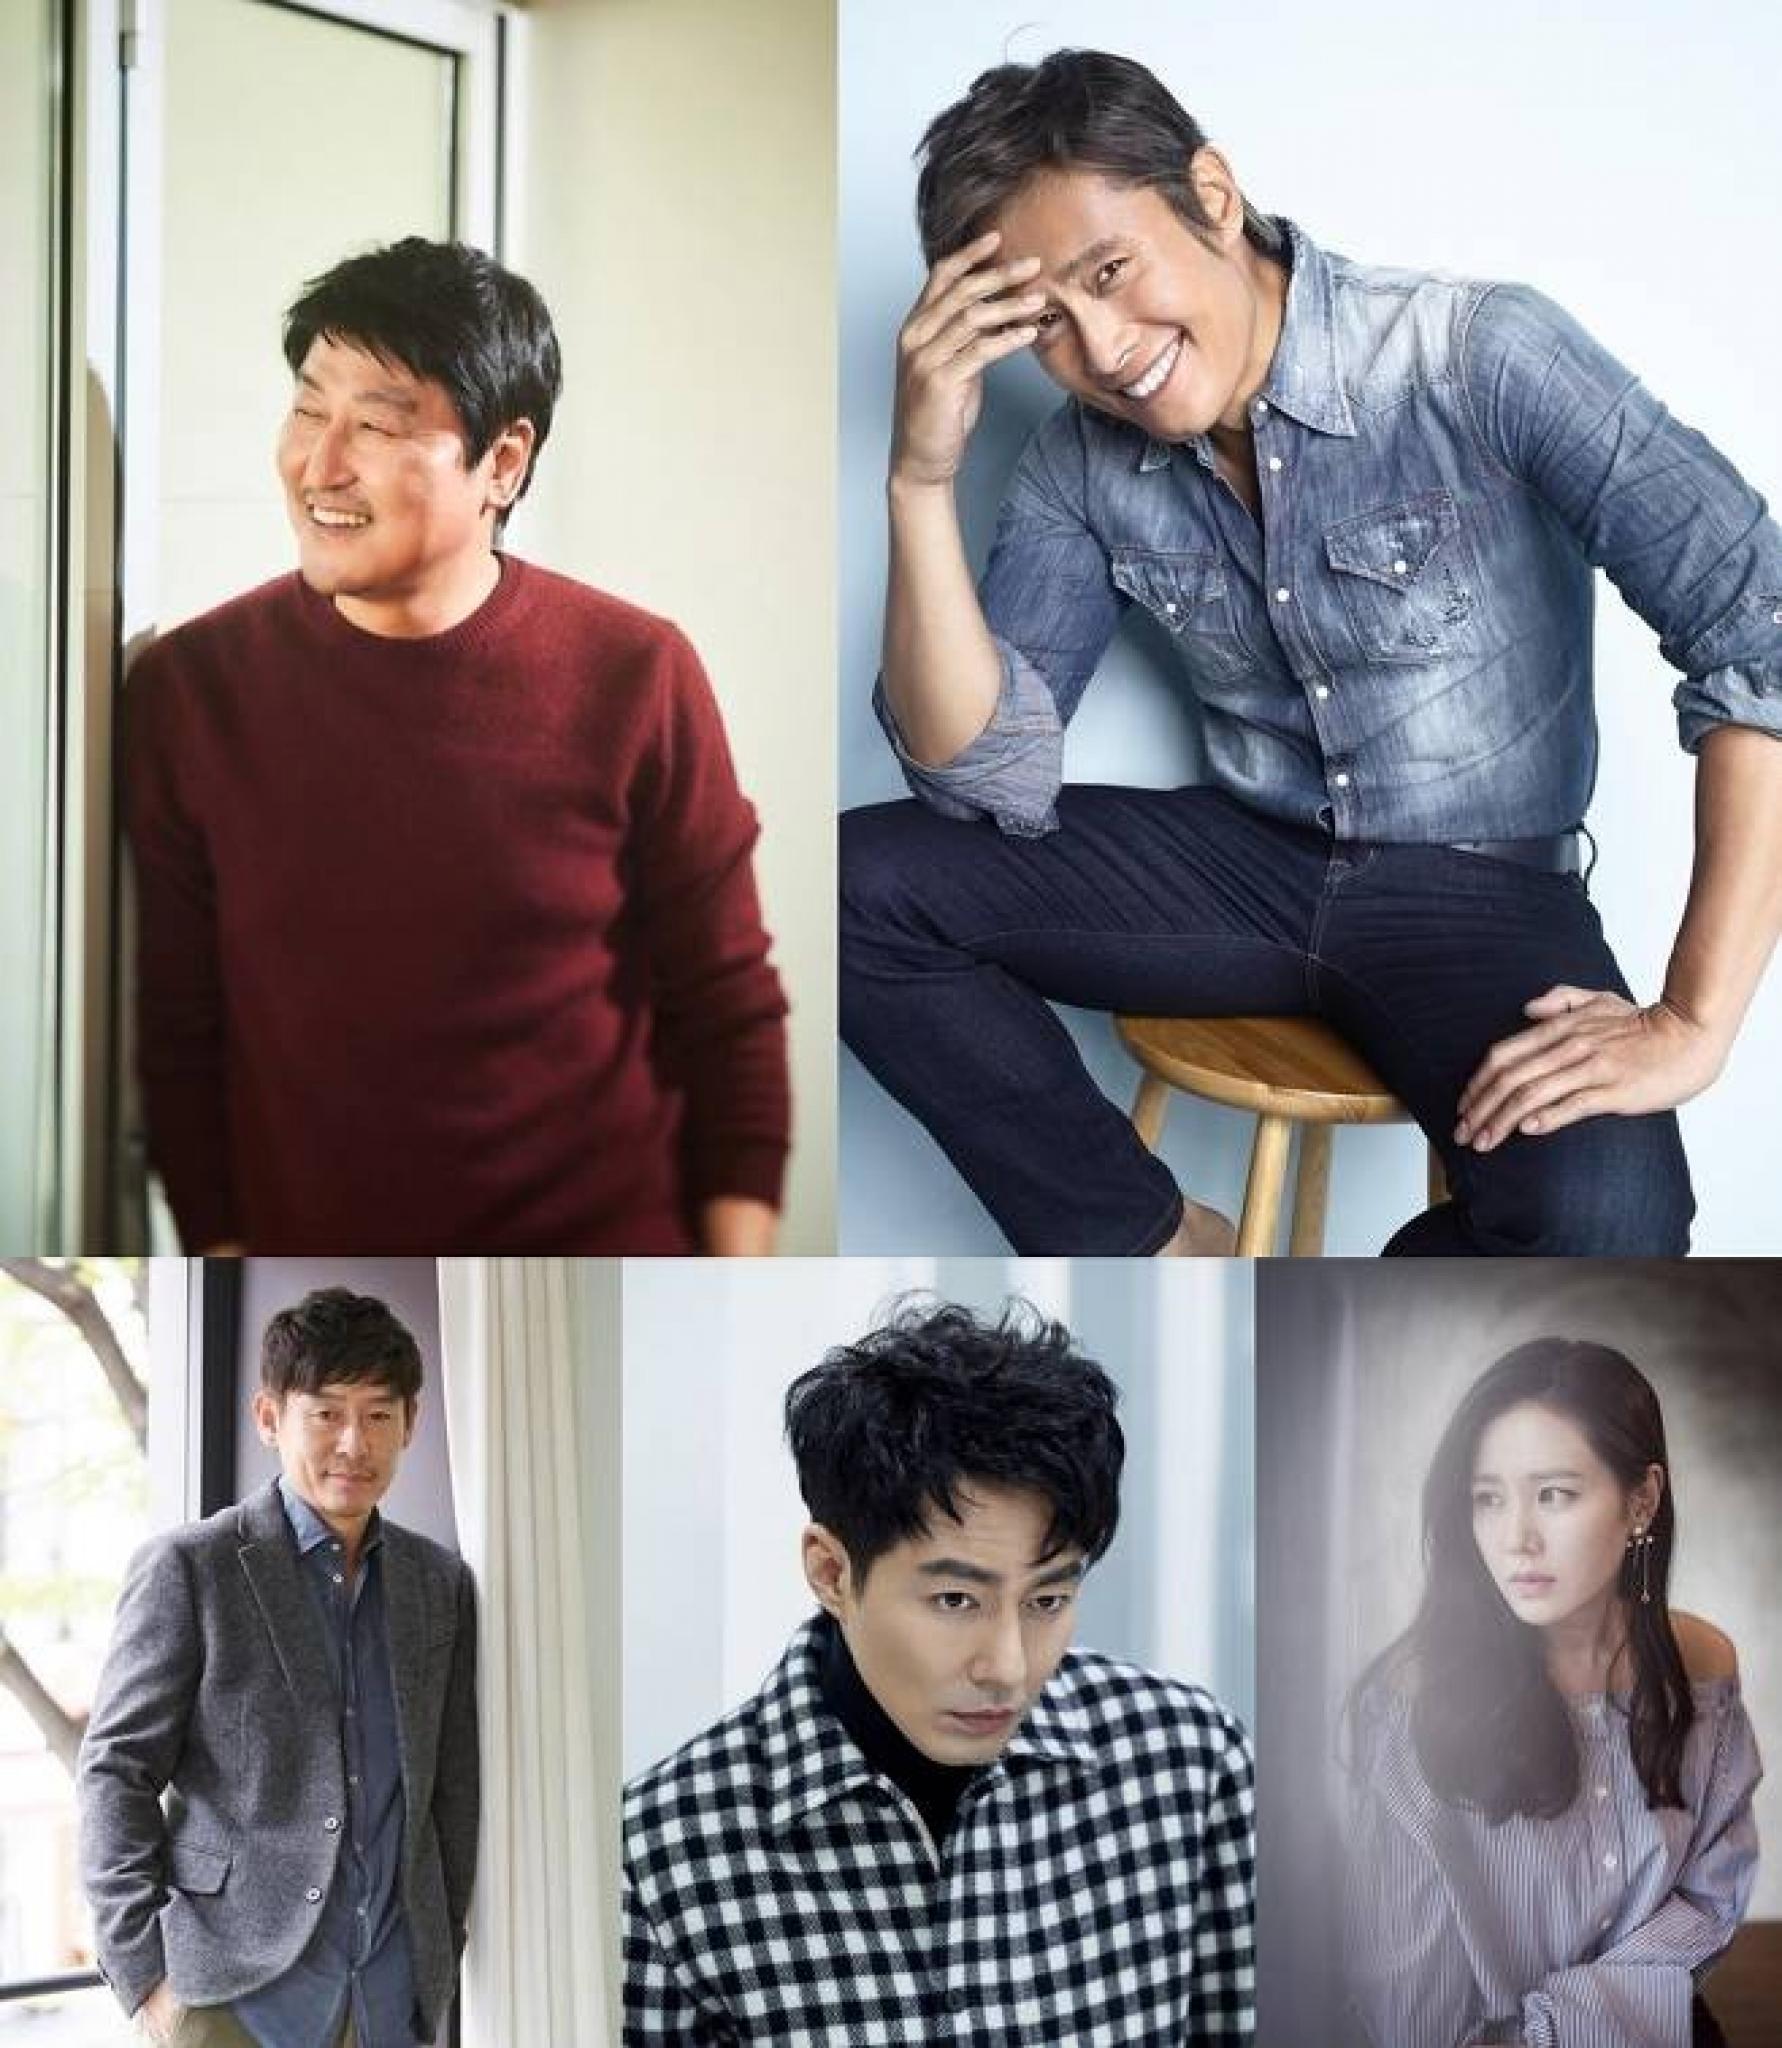 대종상 영화제, 오늘(25일) 'TV조선'서 생중계… 송강호·이병헌·조인성 참석